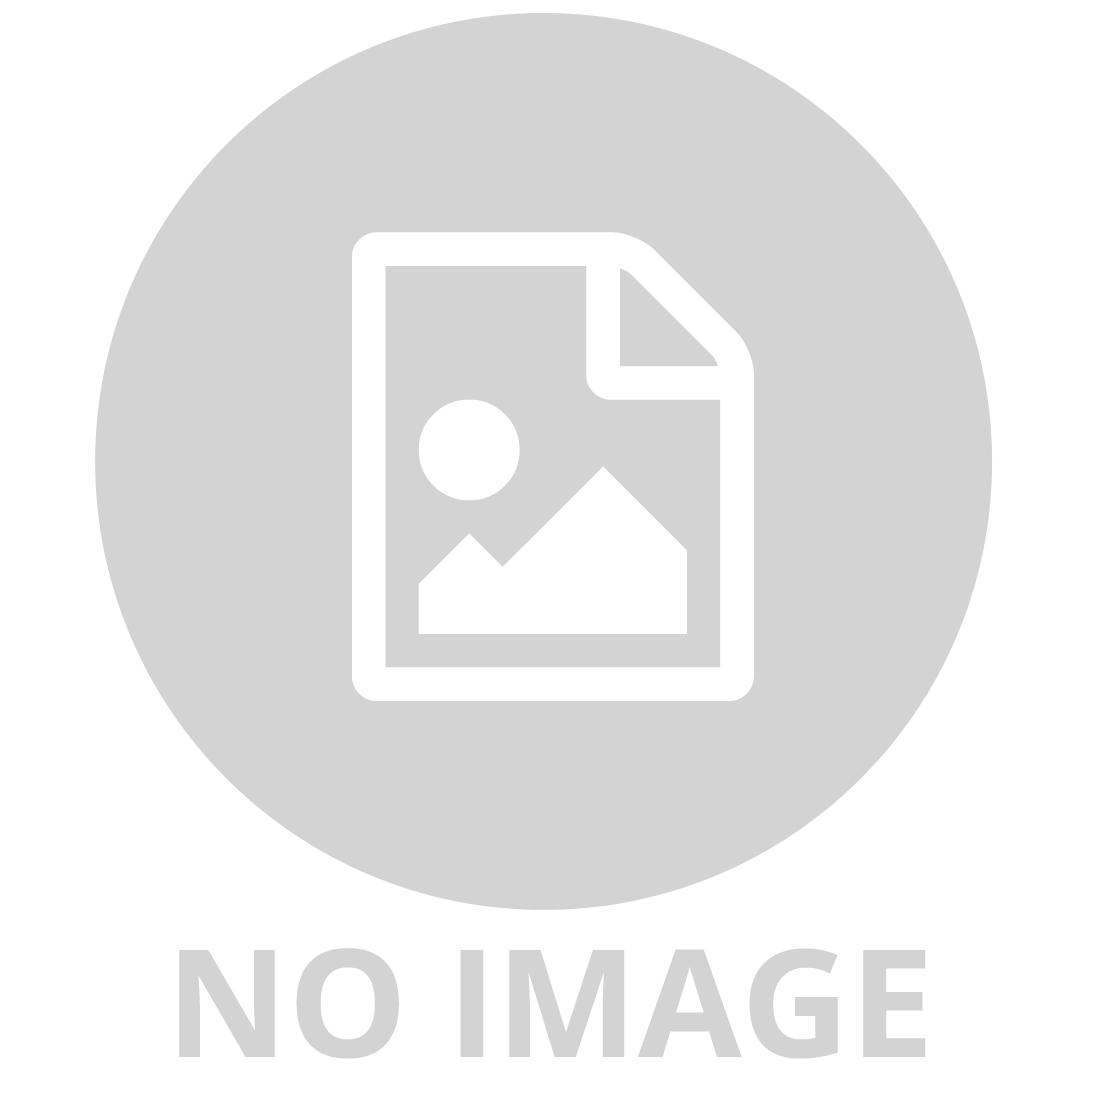 GUN 8 SHOT DIECAST 4.25 REVOLVER WITH SILENCER